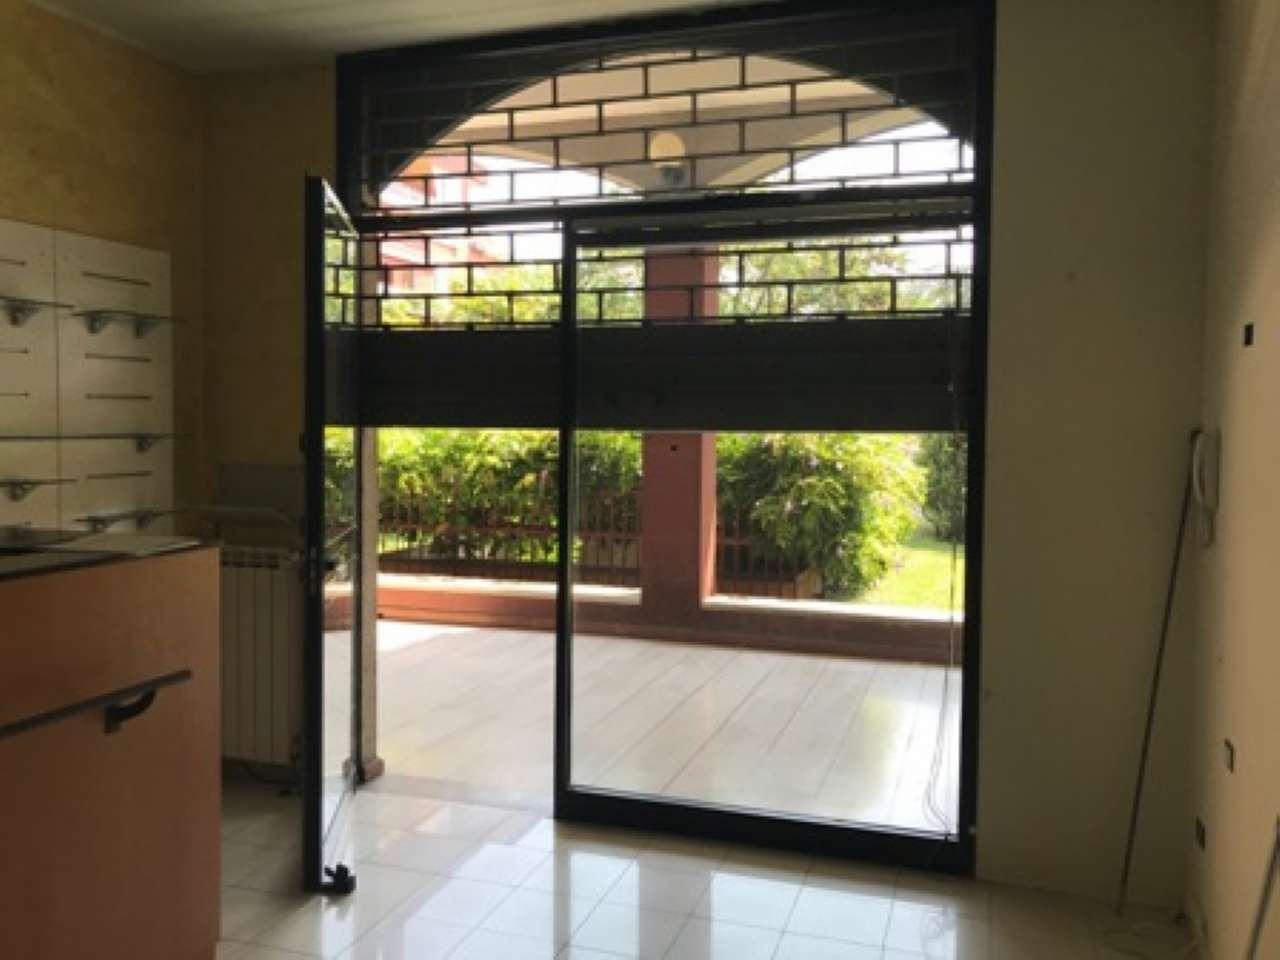 Negozio / Locale in vendita a Segrate, 9999 locali, prezzo € 69.000   PortaleAgenzieImmobiliari.it